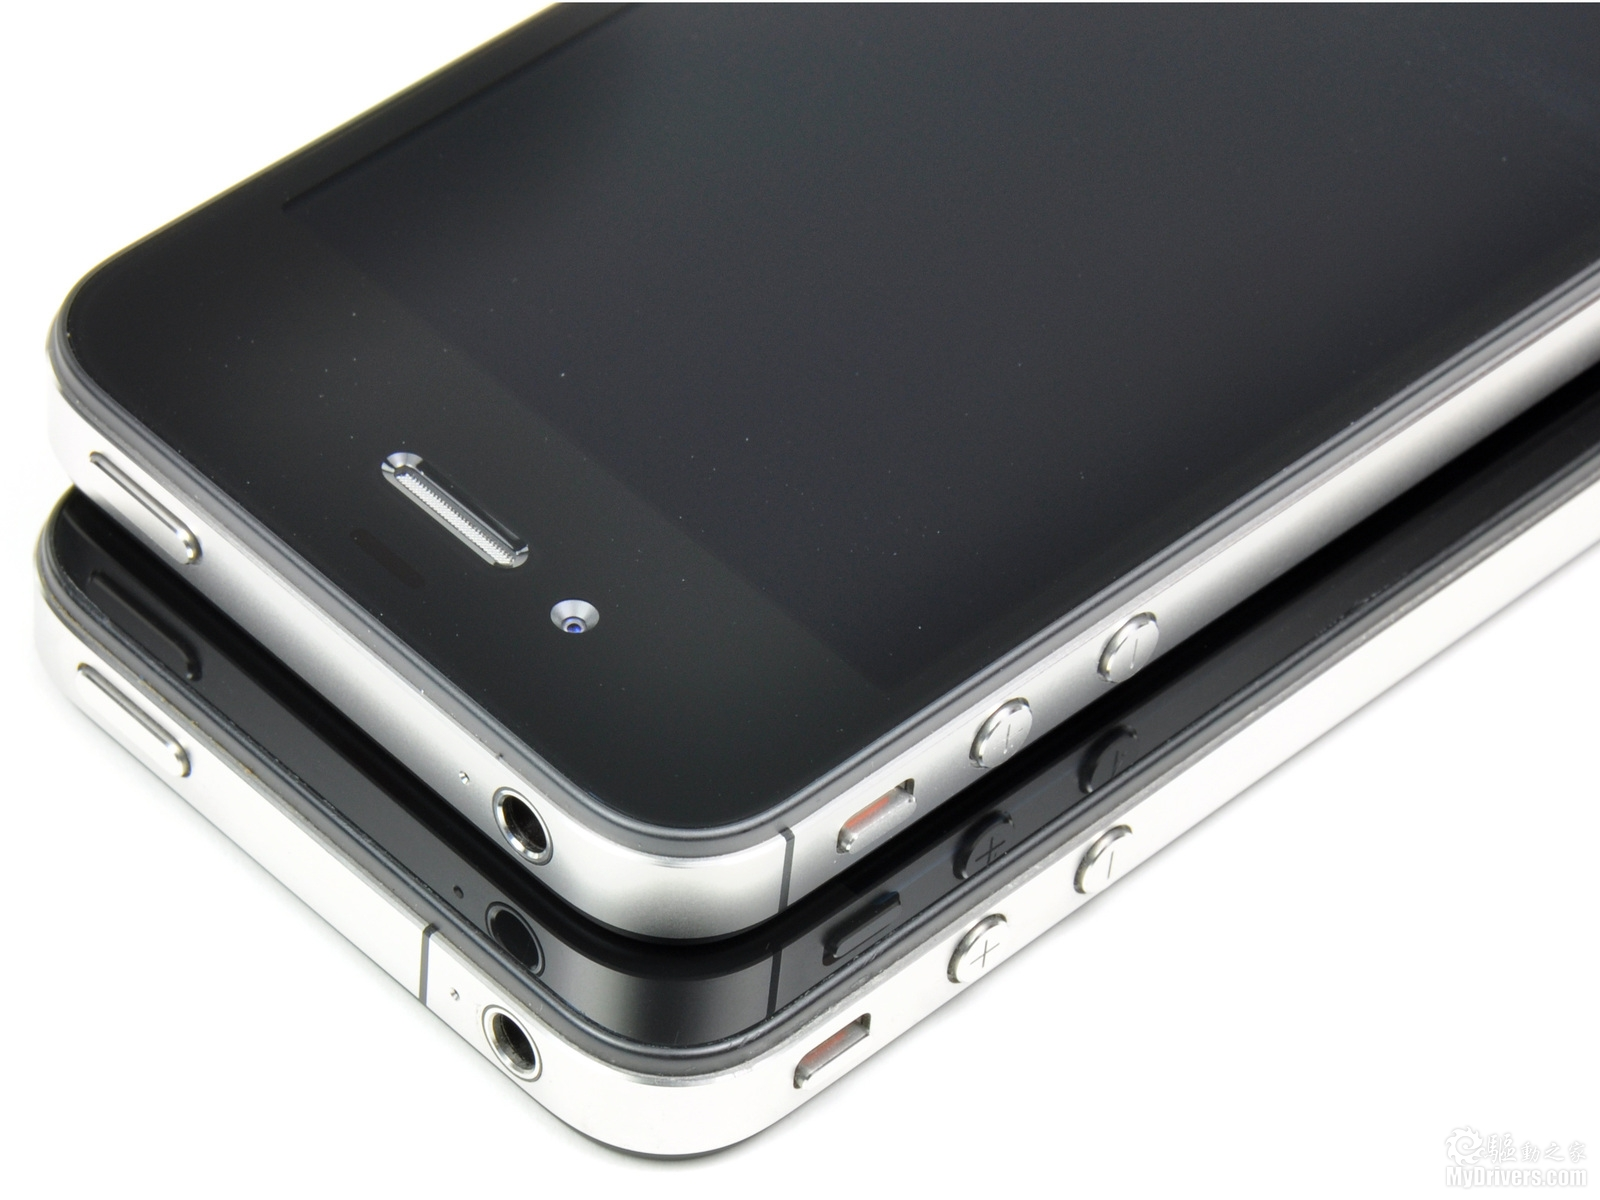 cdma版iphone 4首拆 双模基带芯片现身-苹果,apple, 4